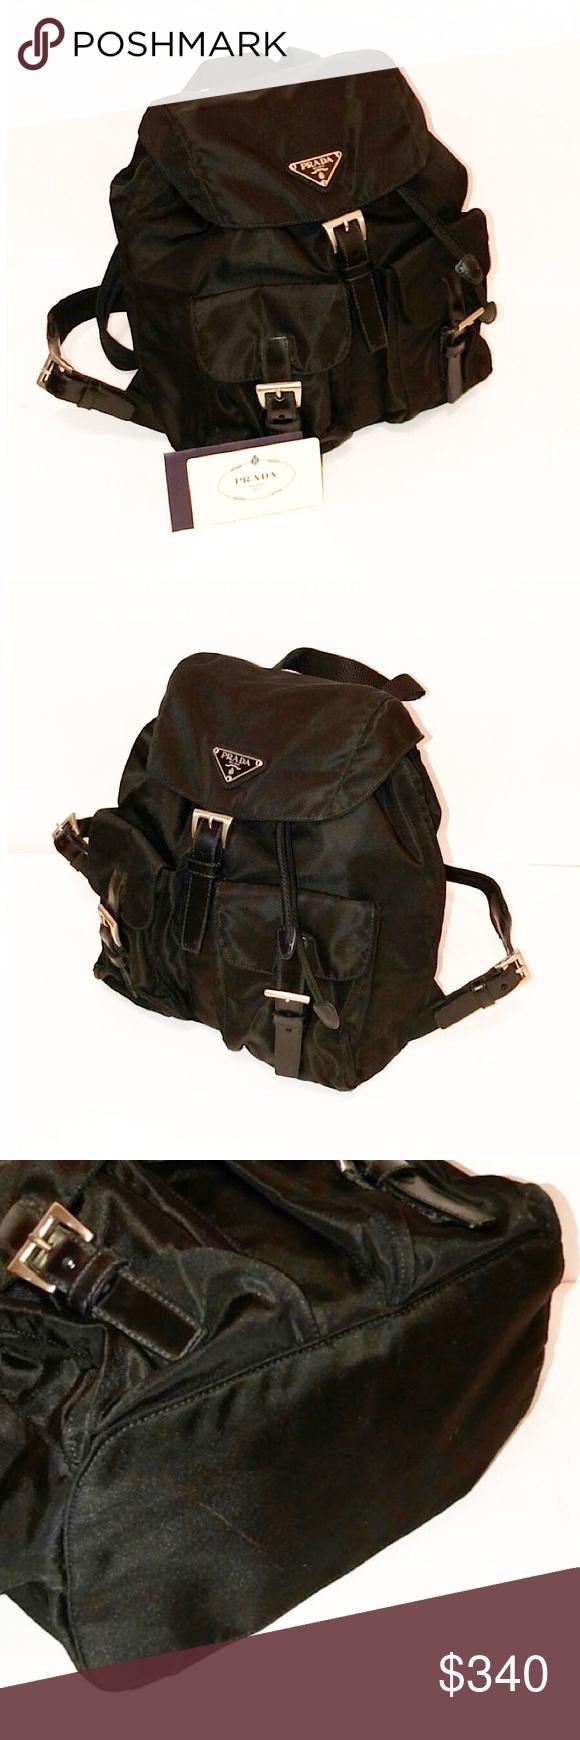 4c6fcc8ad4a9 ... discount authentic prada nero vela mini backpack authentic prada nero vela  mini backpack includes authenticity card